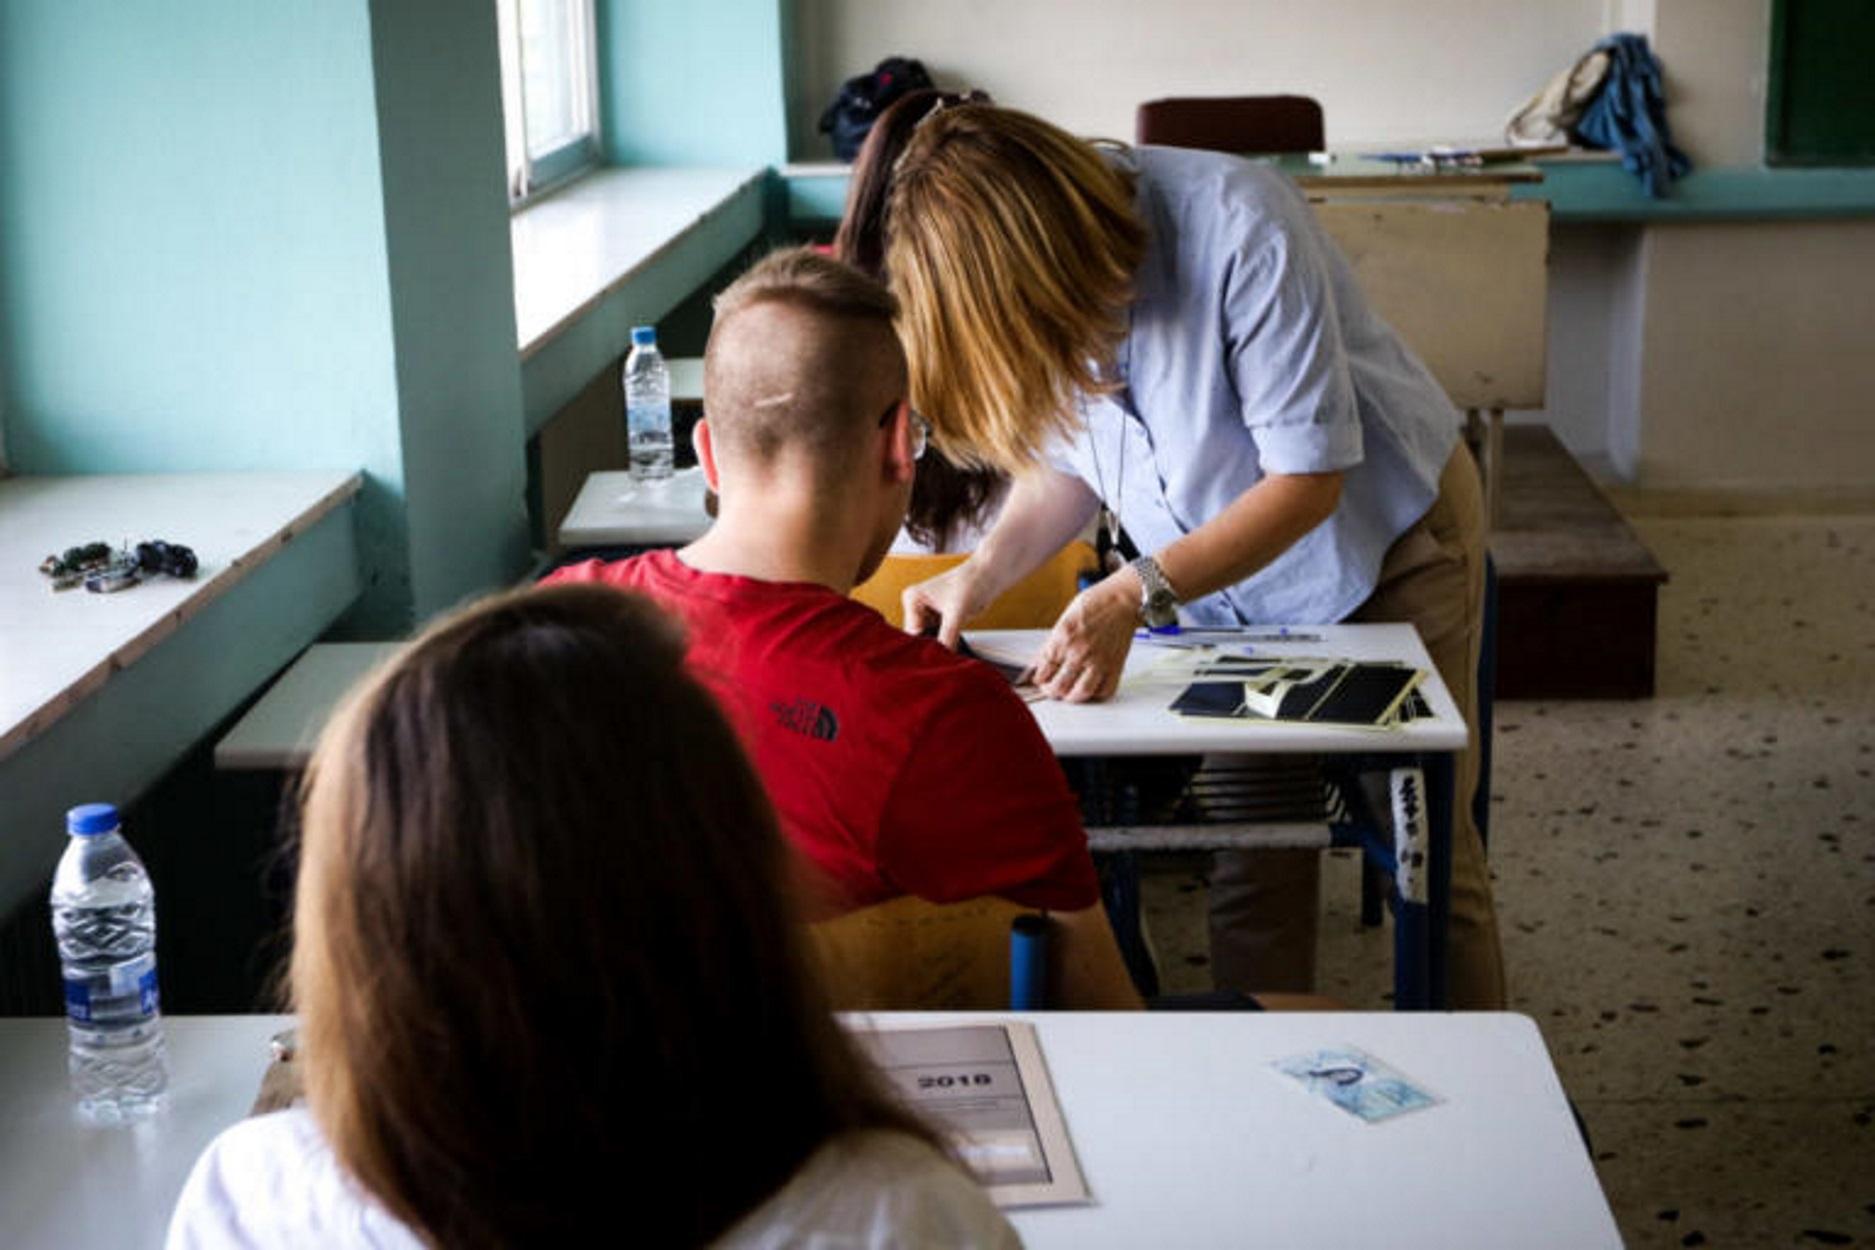 Υπουργείο Παιδείας: 20.558 προσλήψεις αναπληρωτών σε πρωτοβάθμια και δευτεροβάθμια εκπαίδευση - Όλα τα ονόματα